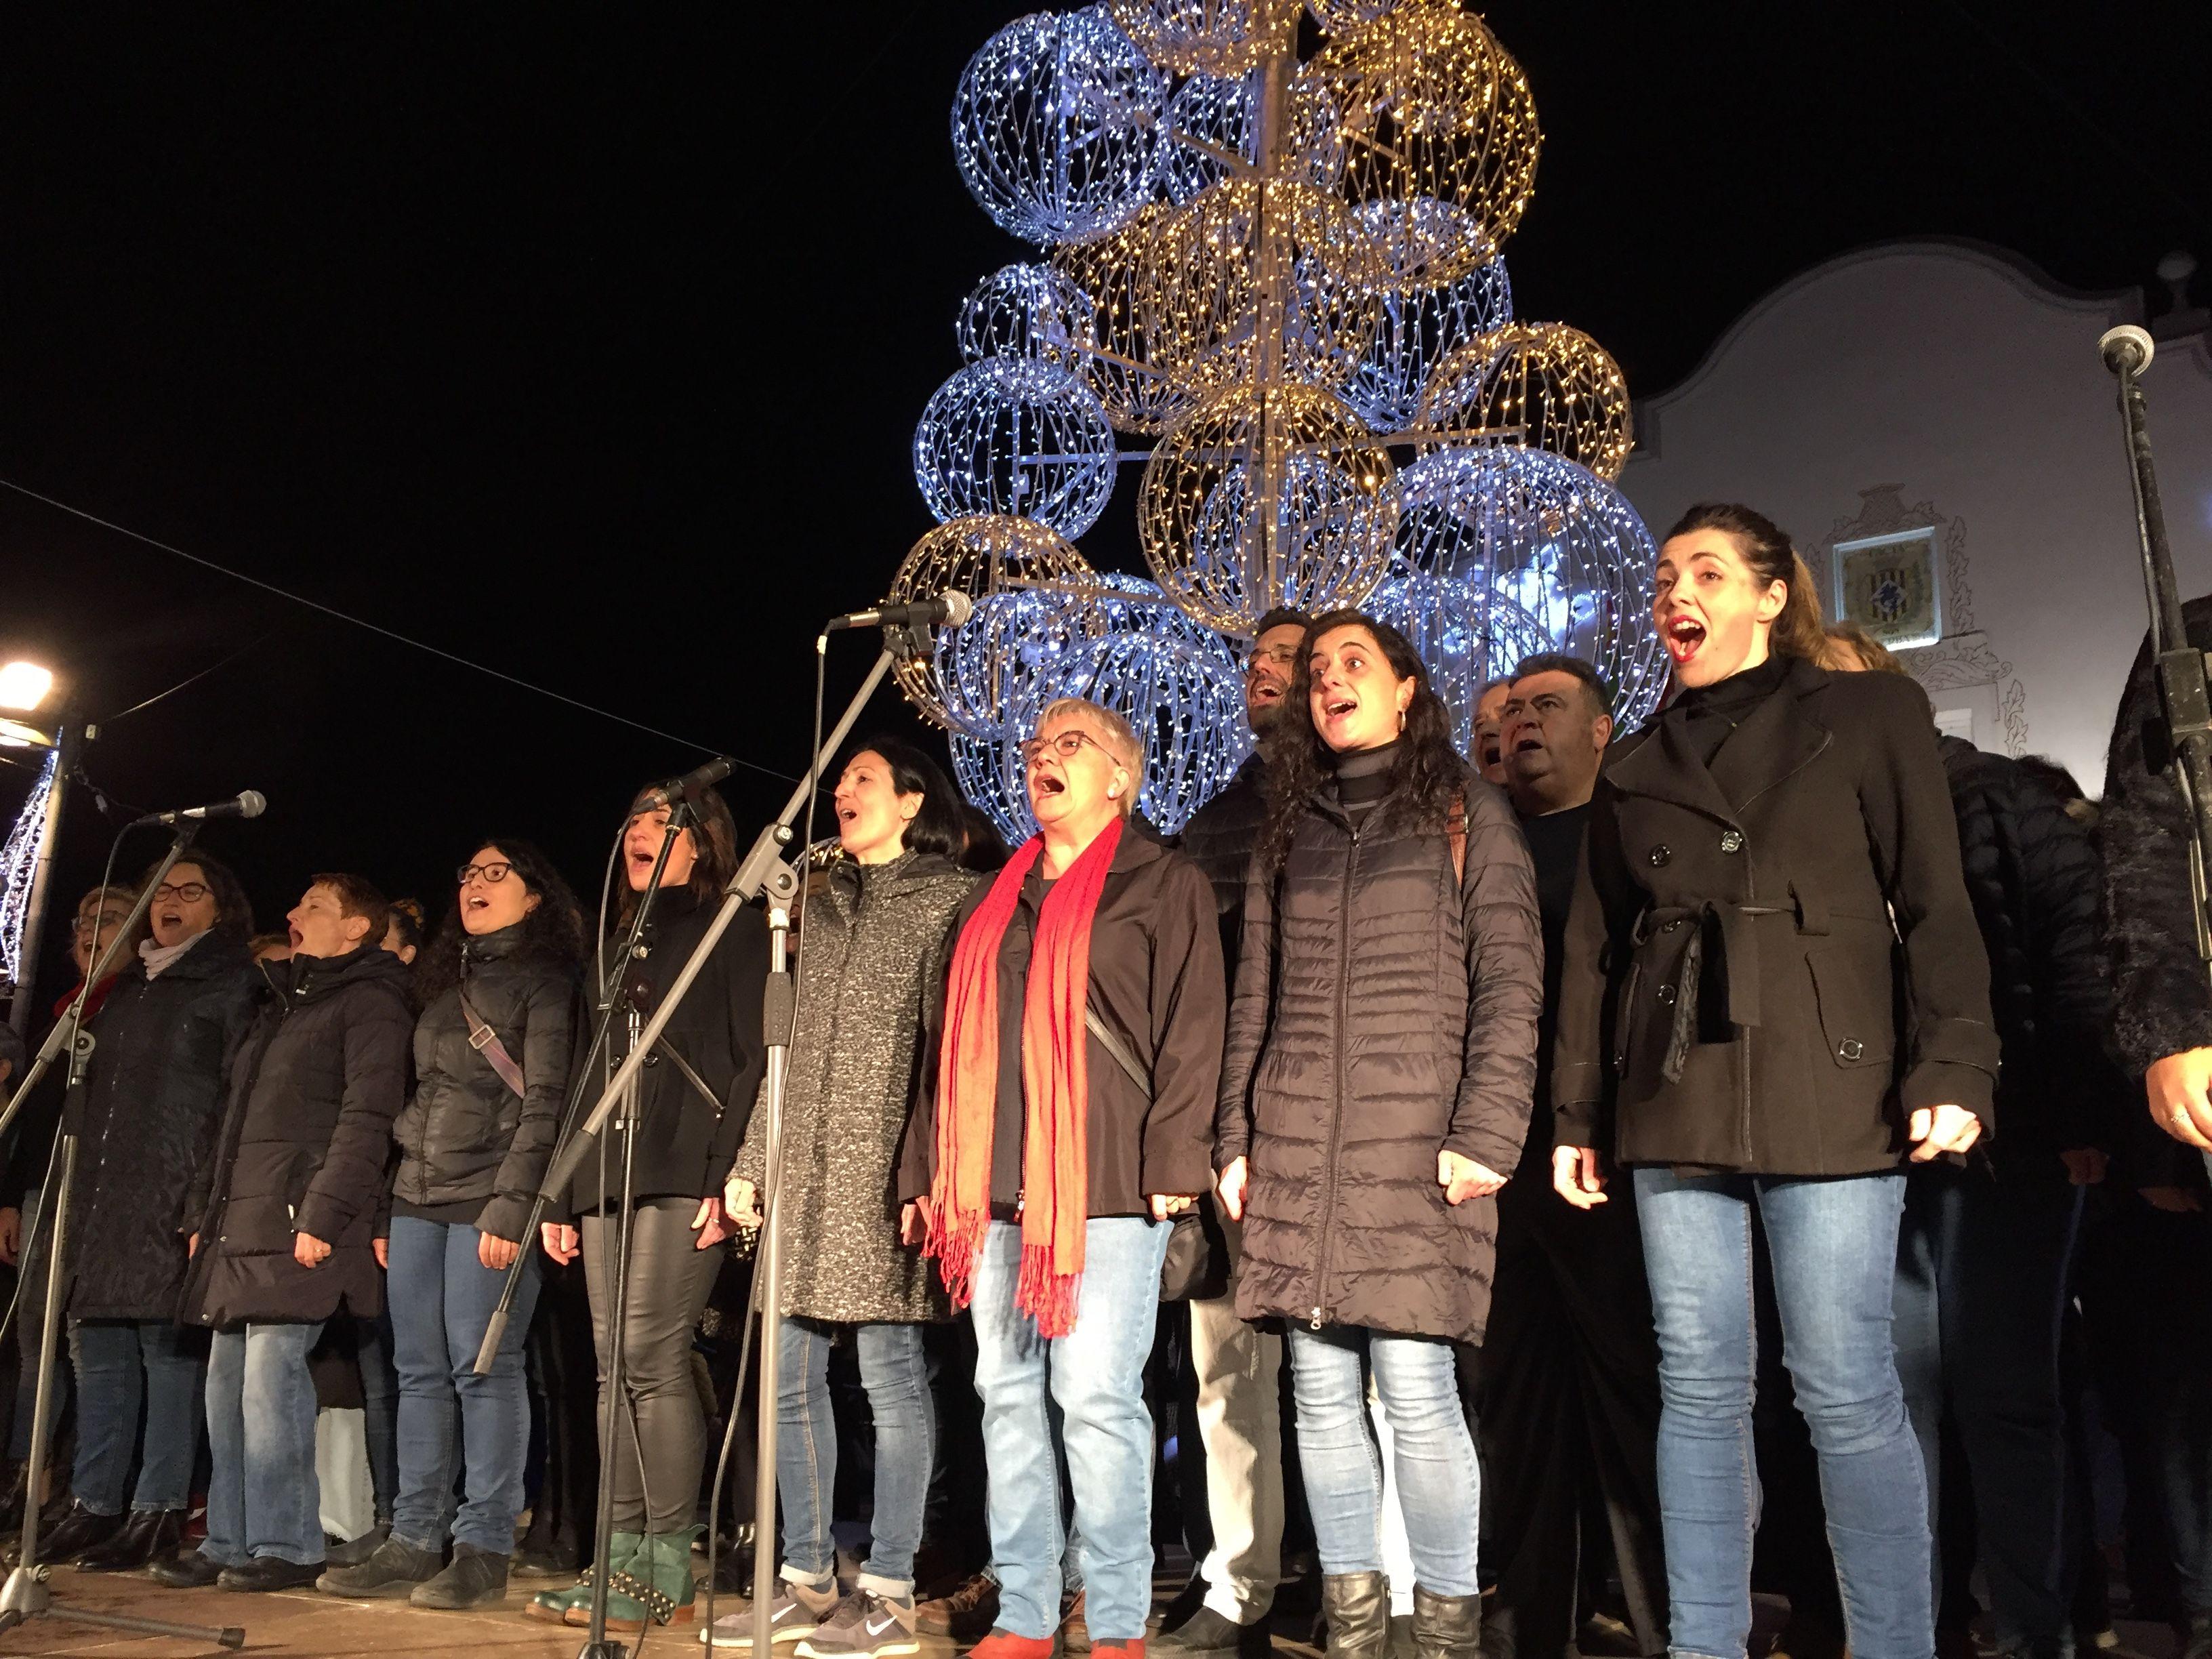 Concert de la Coral d'Aulos durant l'encesa de llums de Nadal. FOTO: Laura Arias